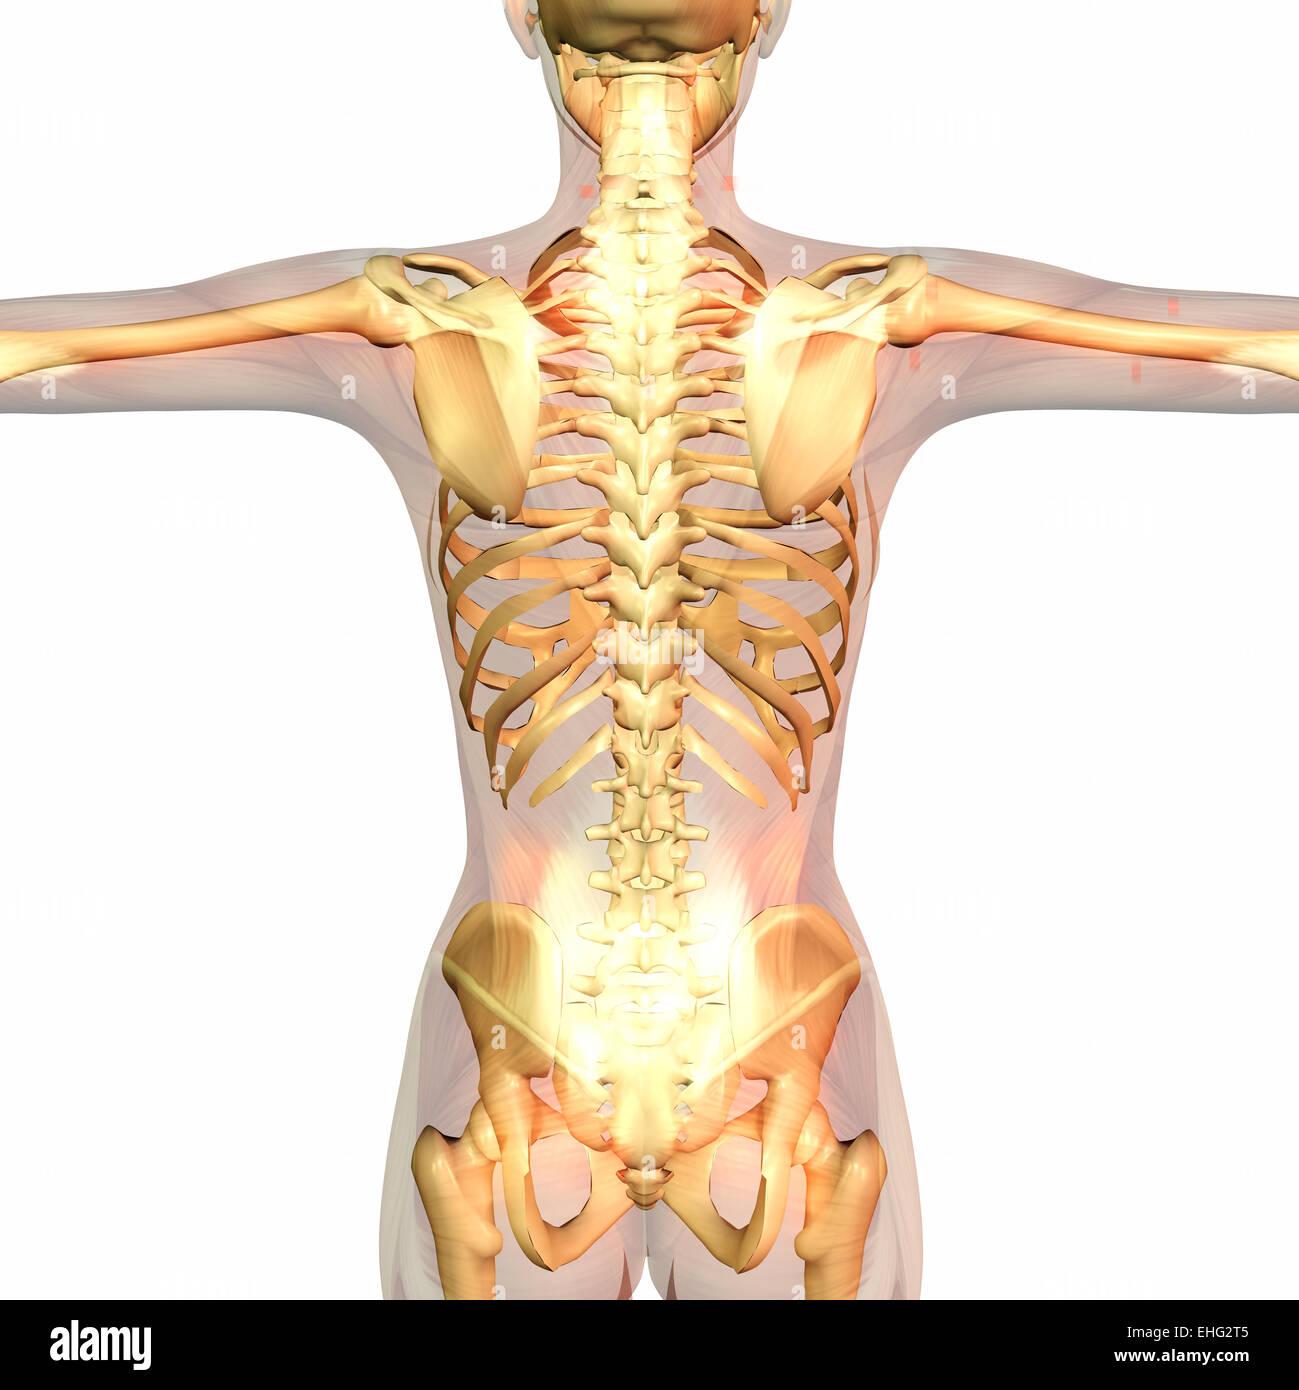 Ausgezeichnet Anatomie Und Physiologie Unterschied Galerie ...